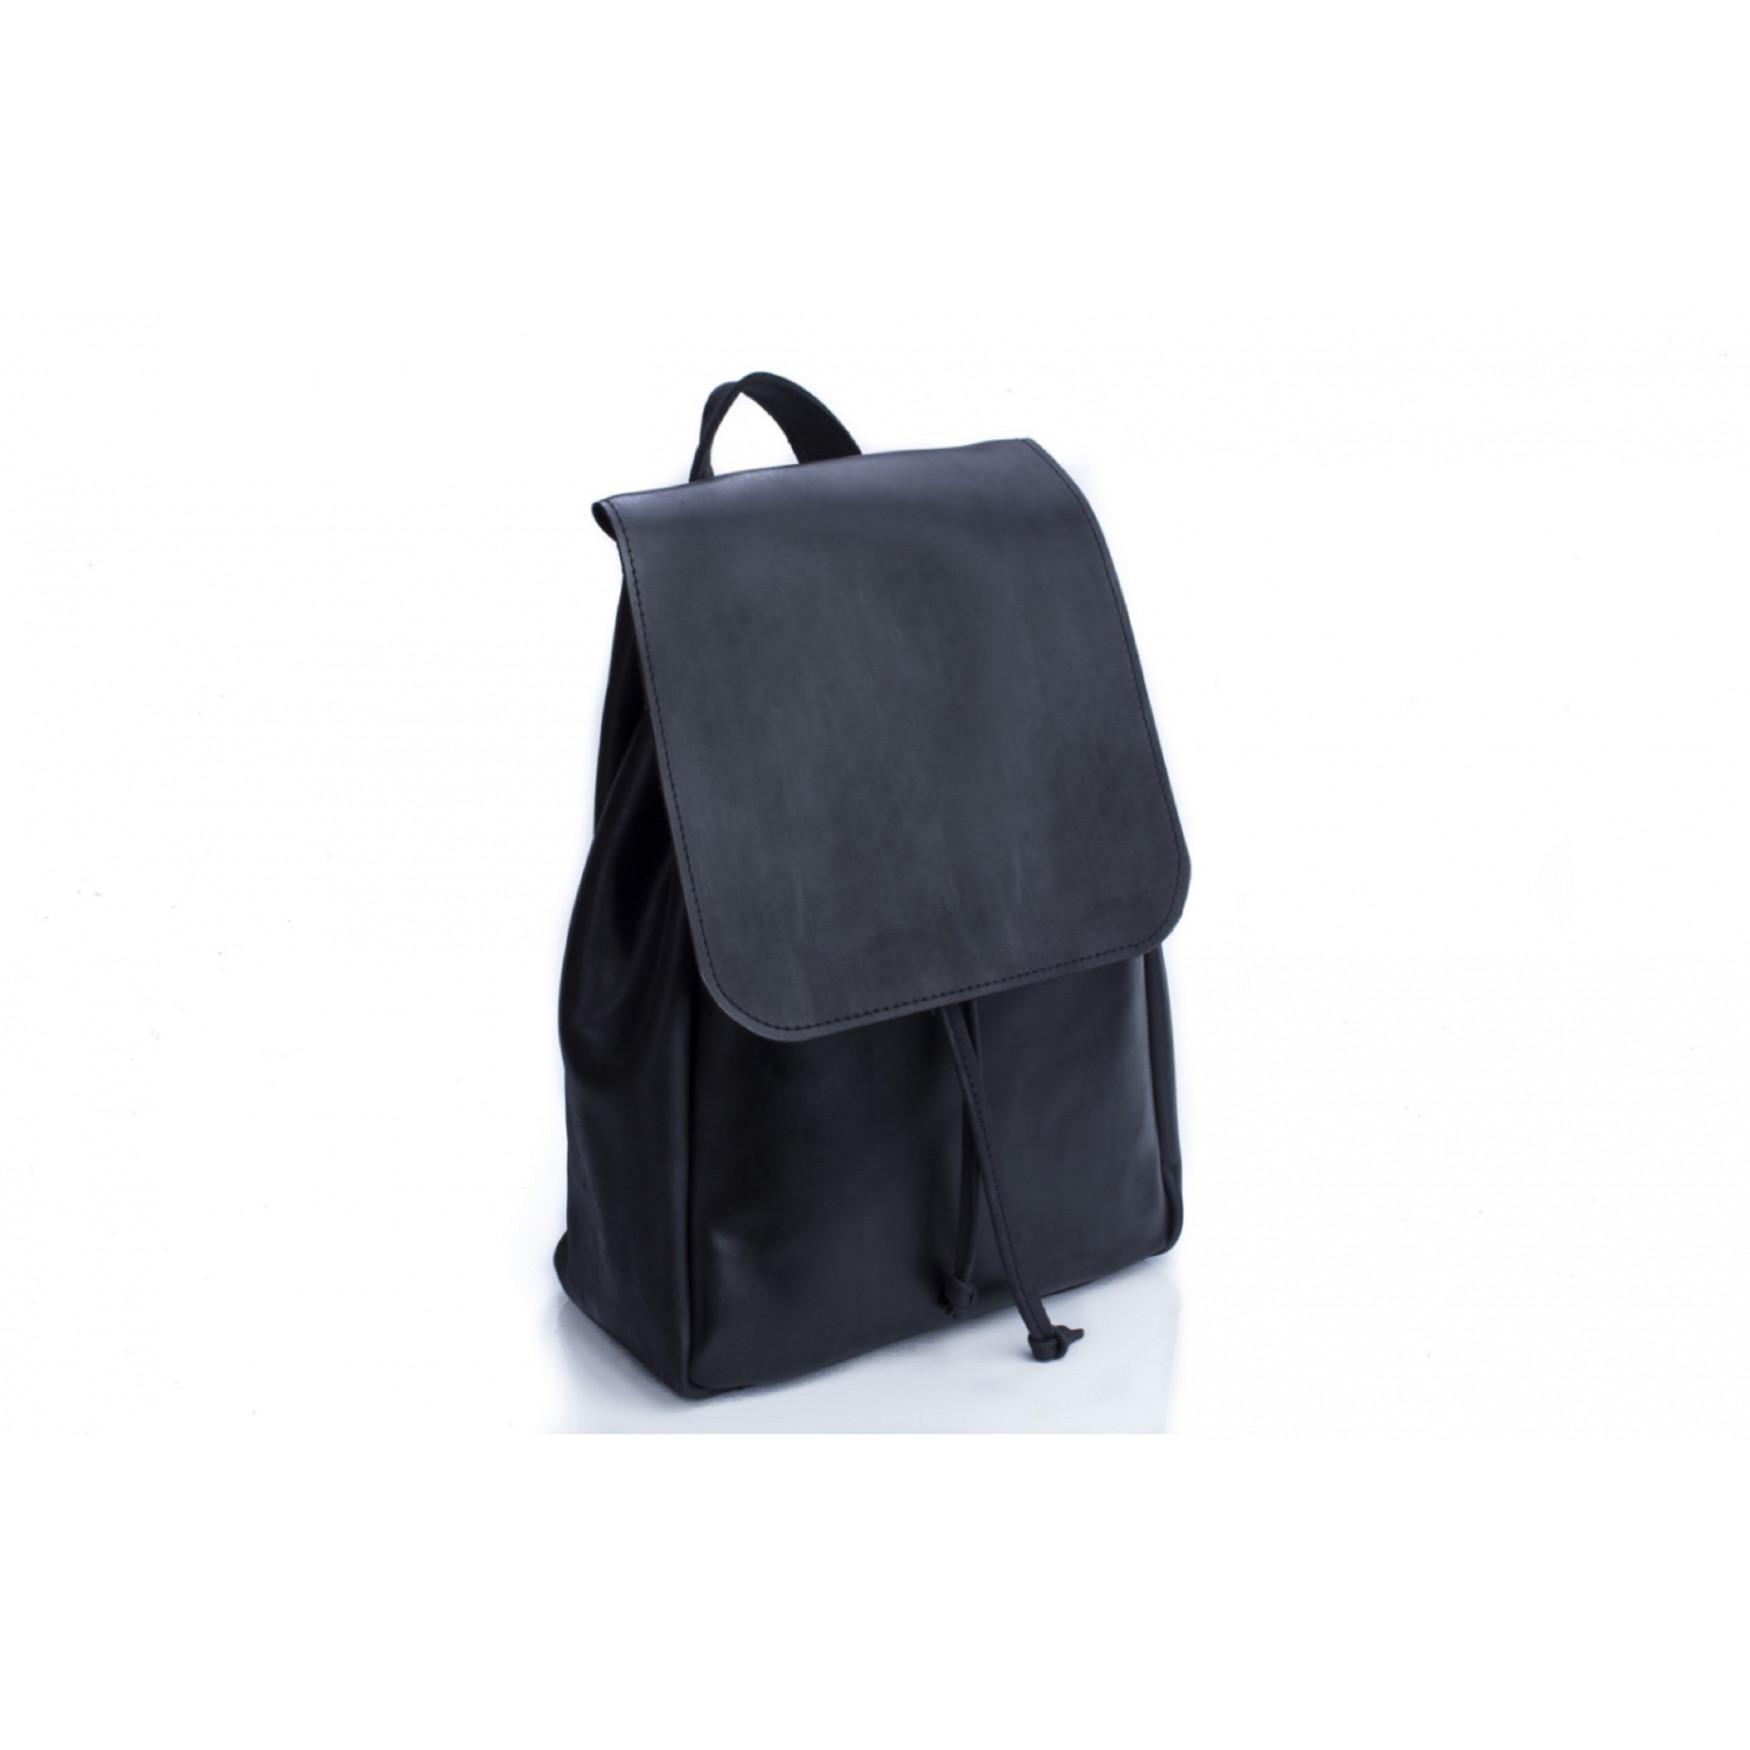 Оригинальный рюкзак в японском стиле